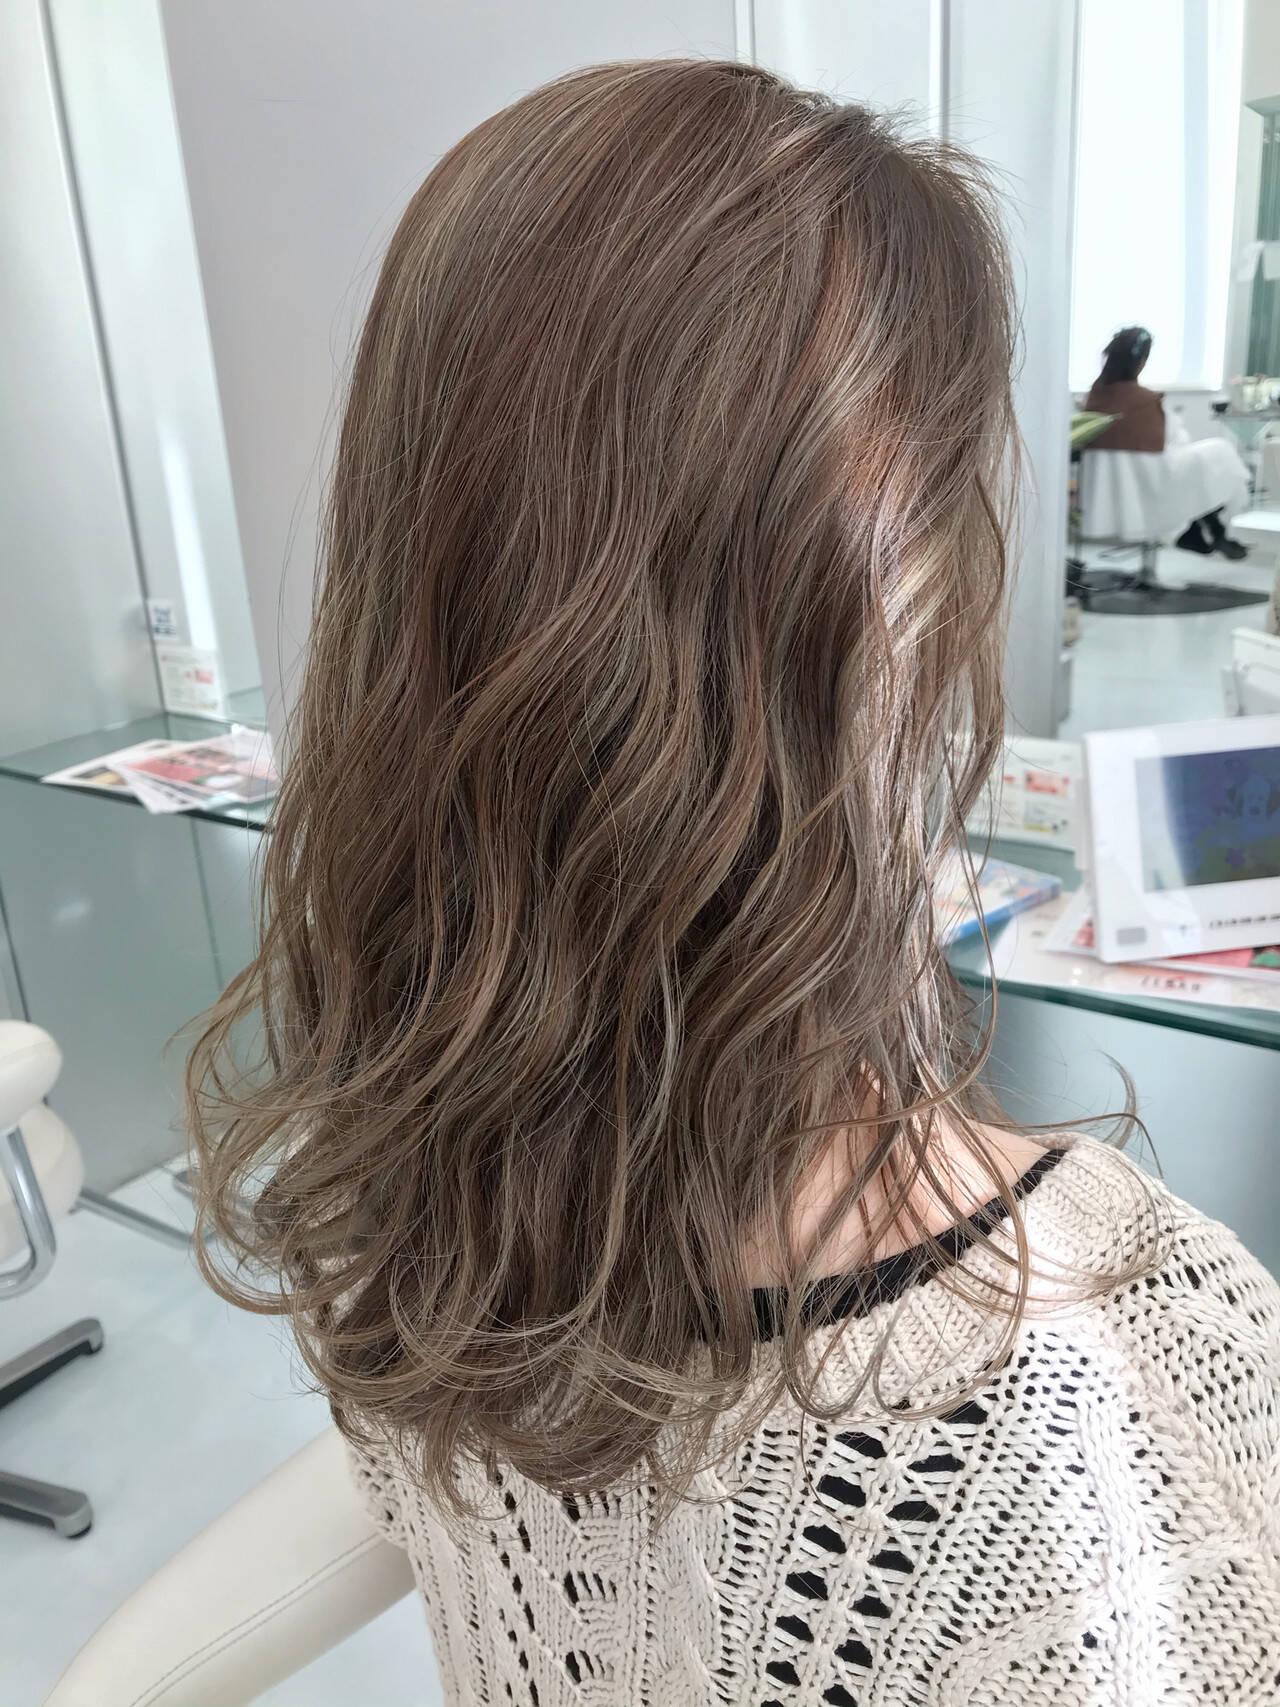 ナチュラル ブリーチ グレージュ ハイライトヘアスタイルや髪型の写真・画像